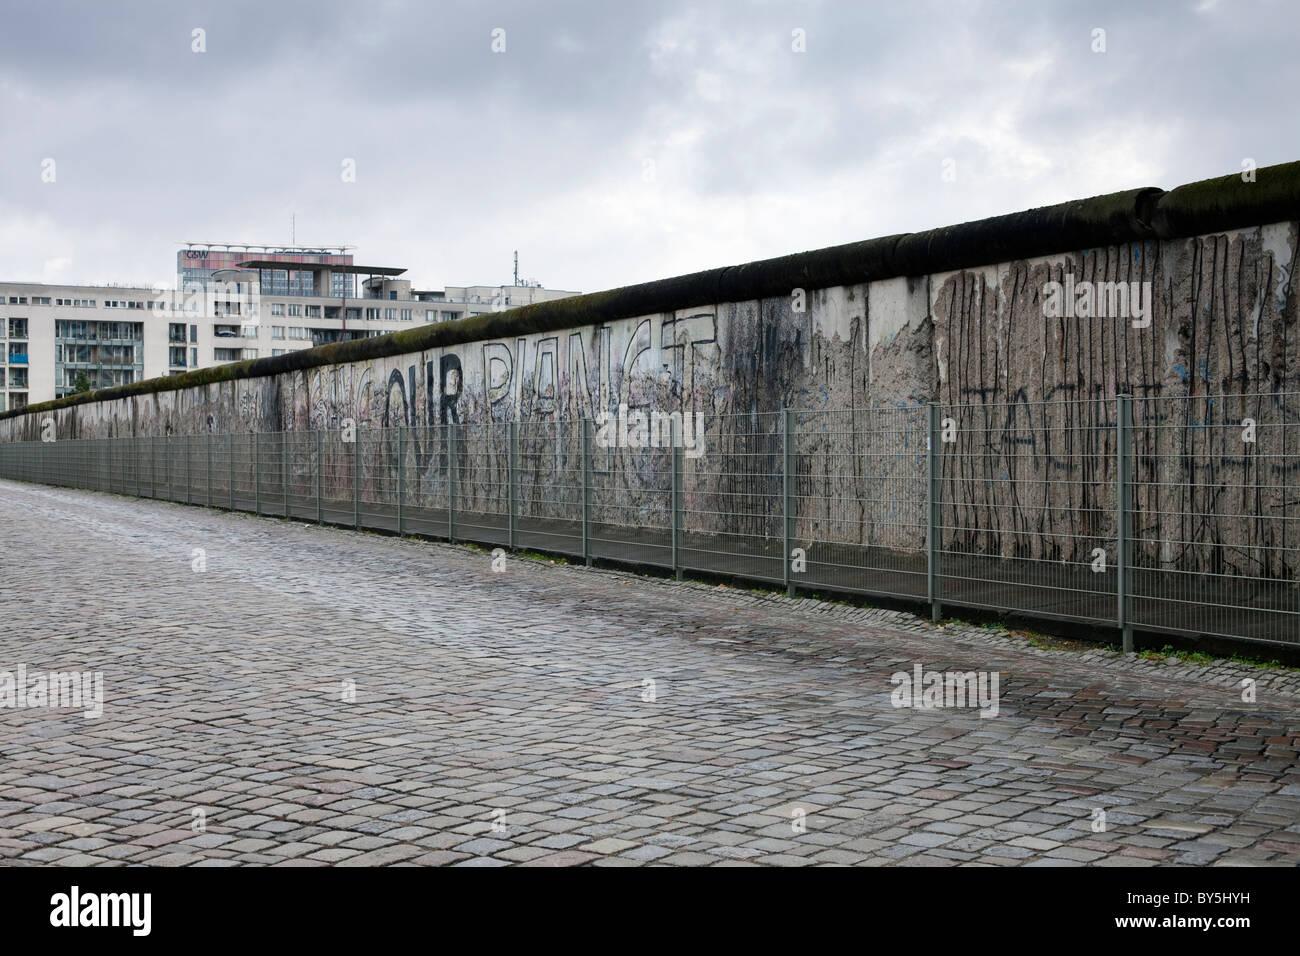 Alemania,Berlín, la Topografía del Terror, remanente del muro de Berlín Imagen De Stock